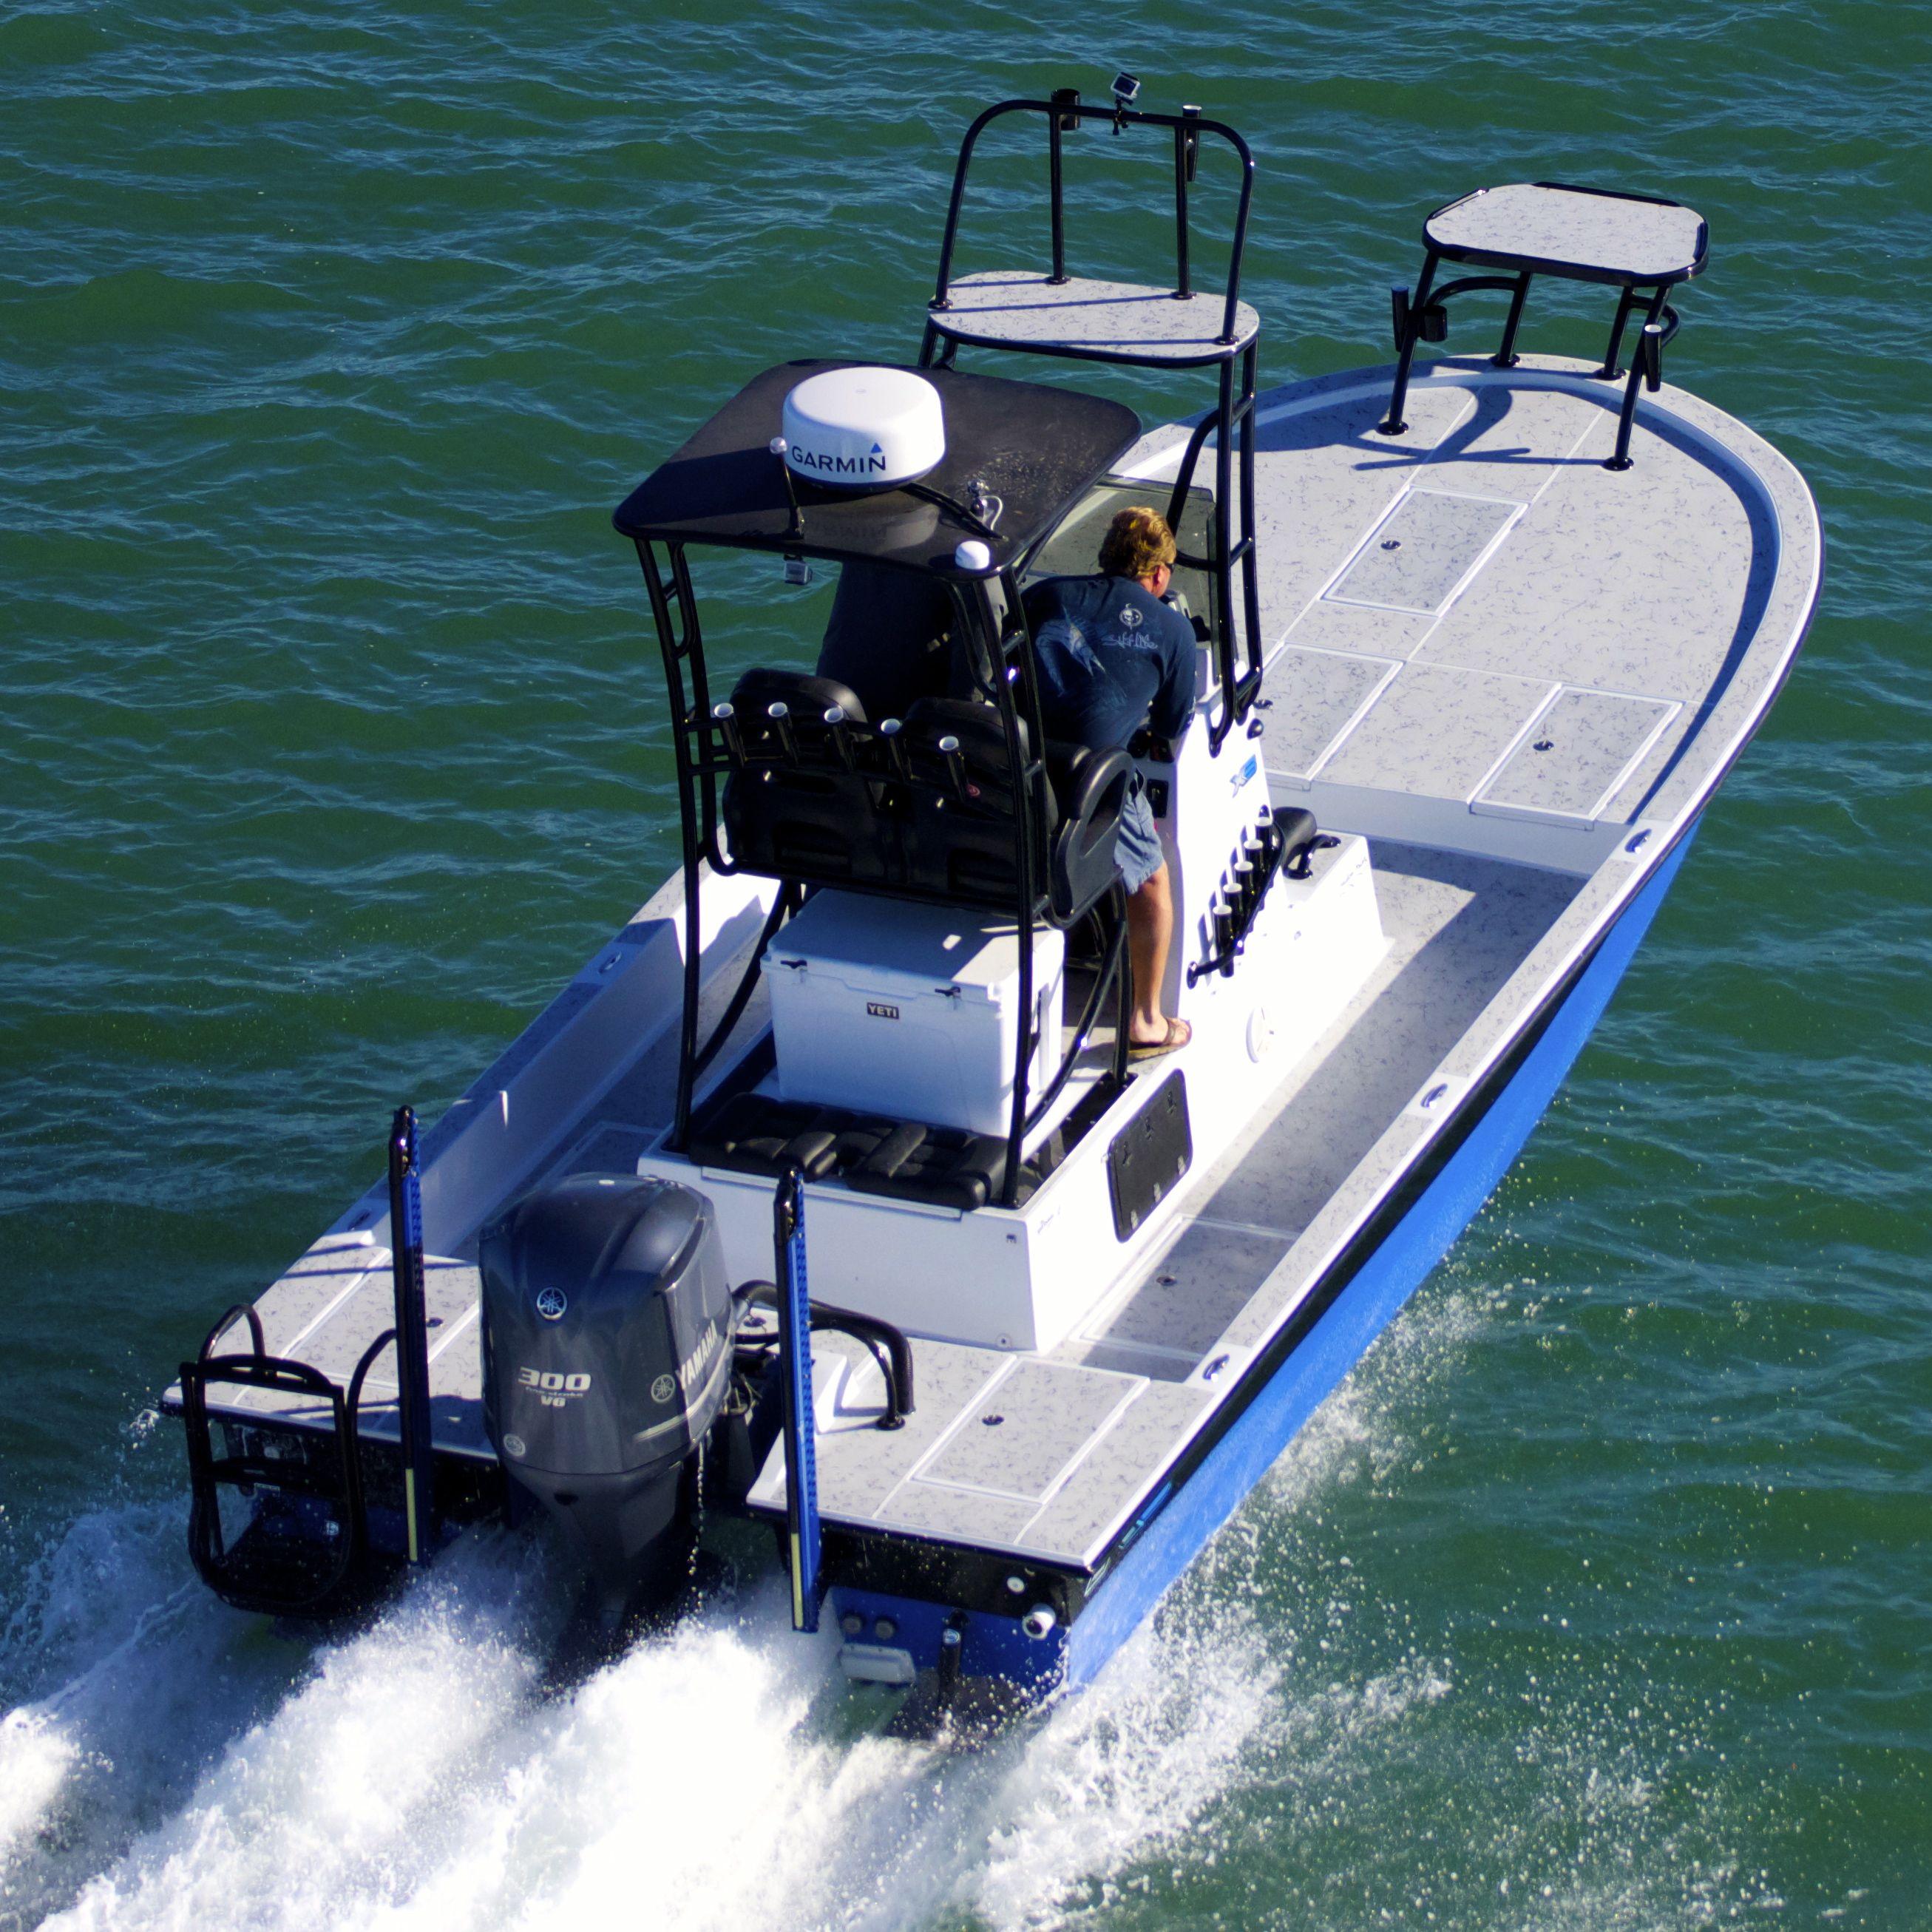 25' Shallow Sport X3 | Shallow Sport Boats | Pinterest ...